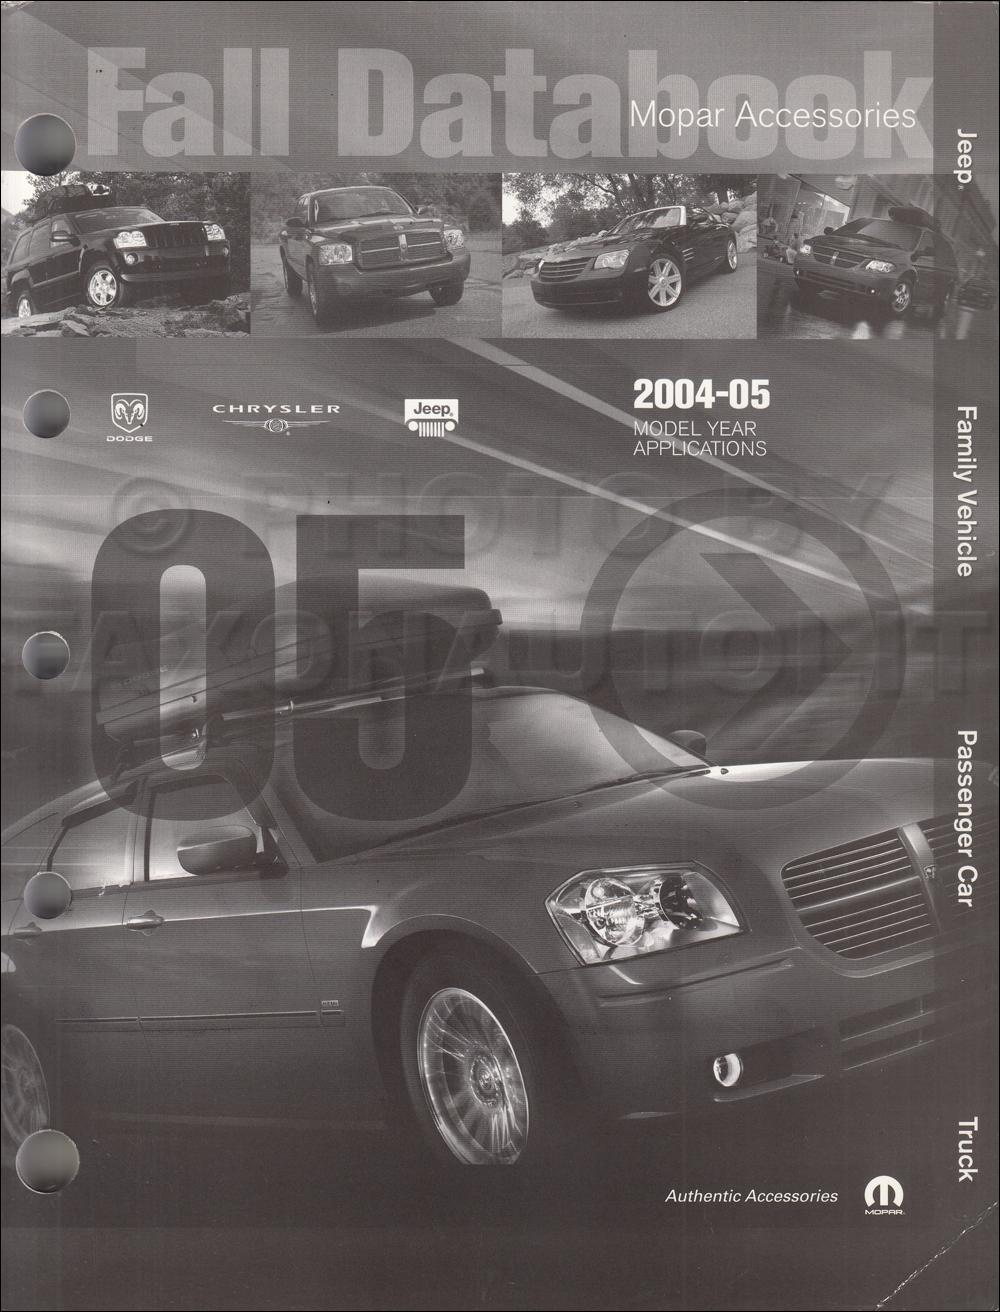 2004-2005 MoPar Accessories Databook Original Fall